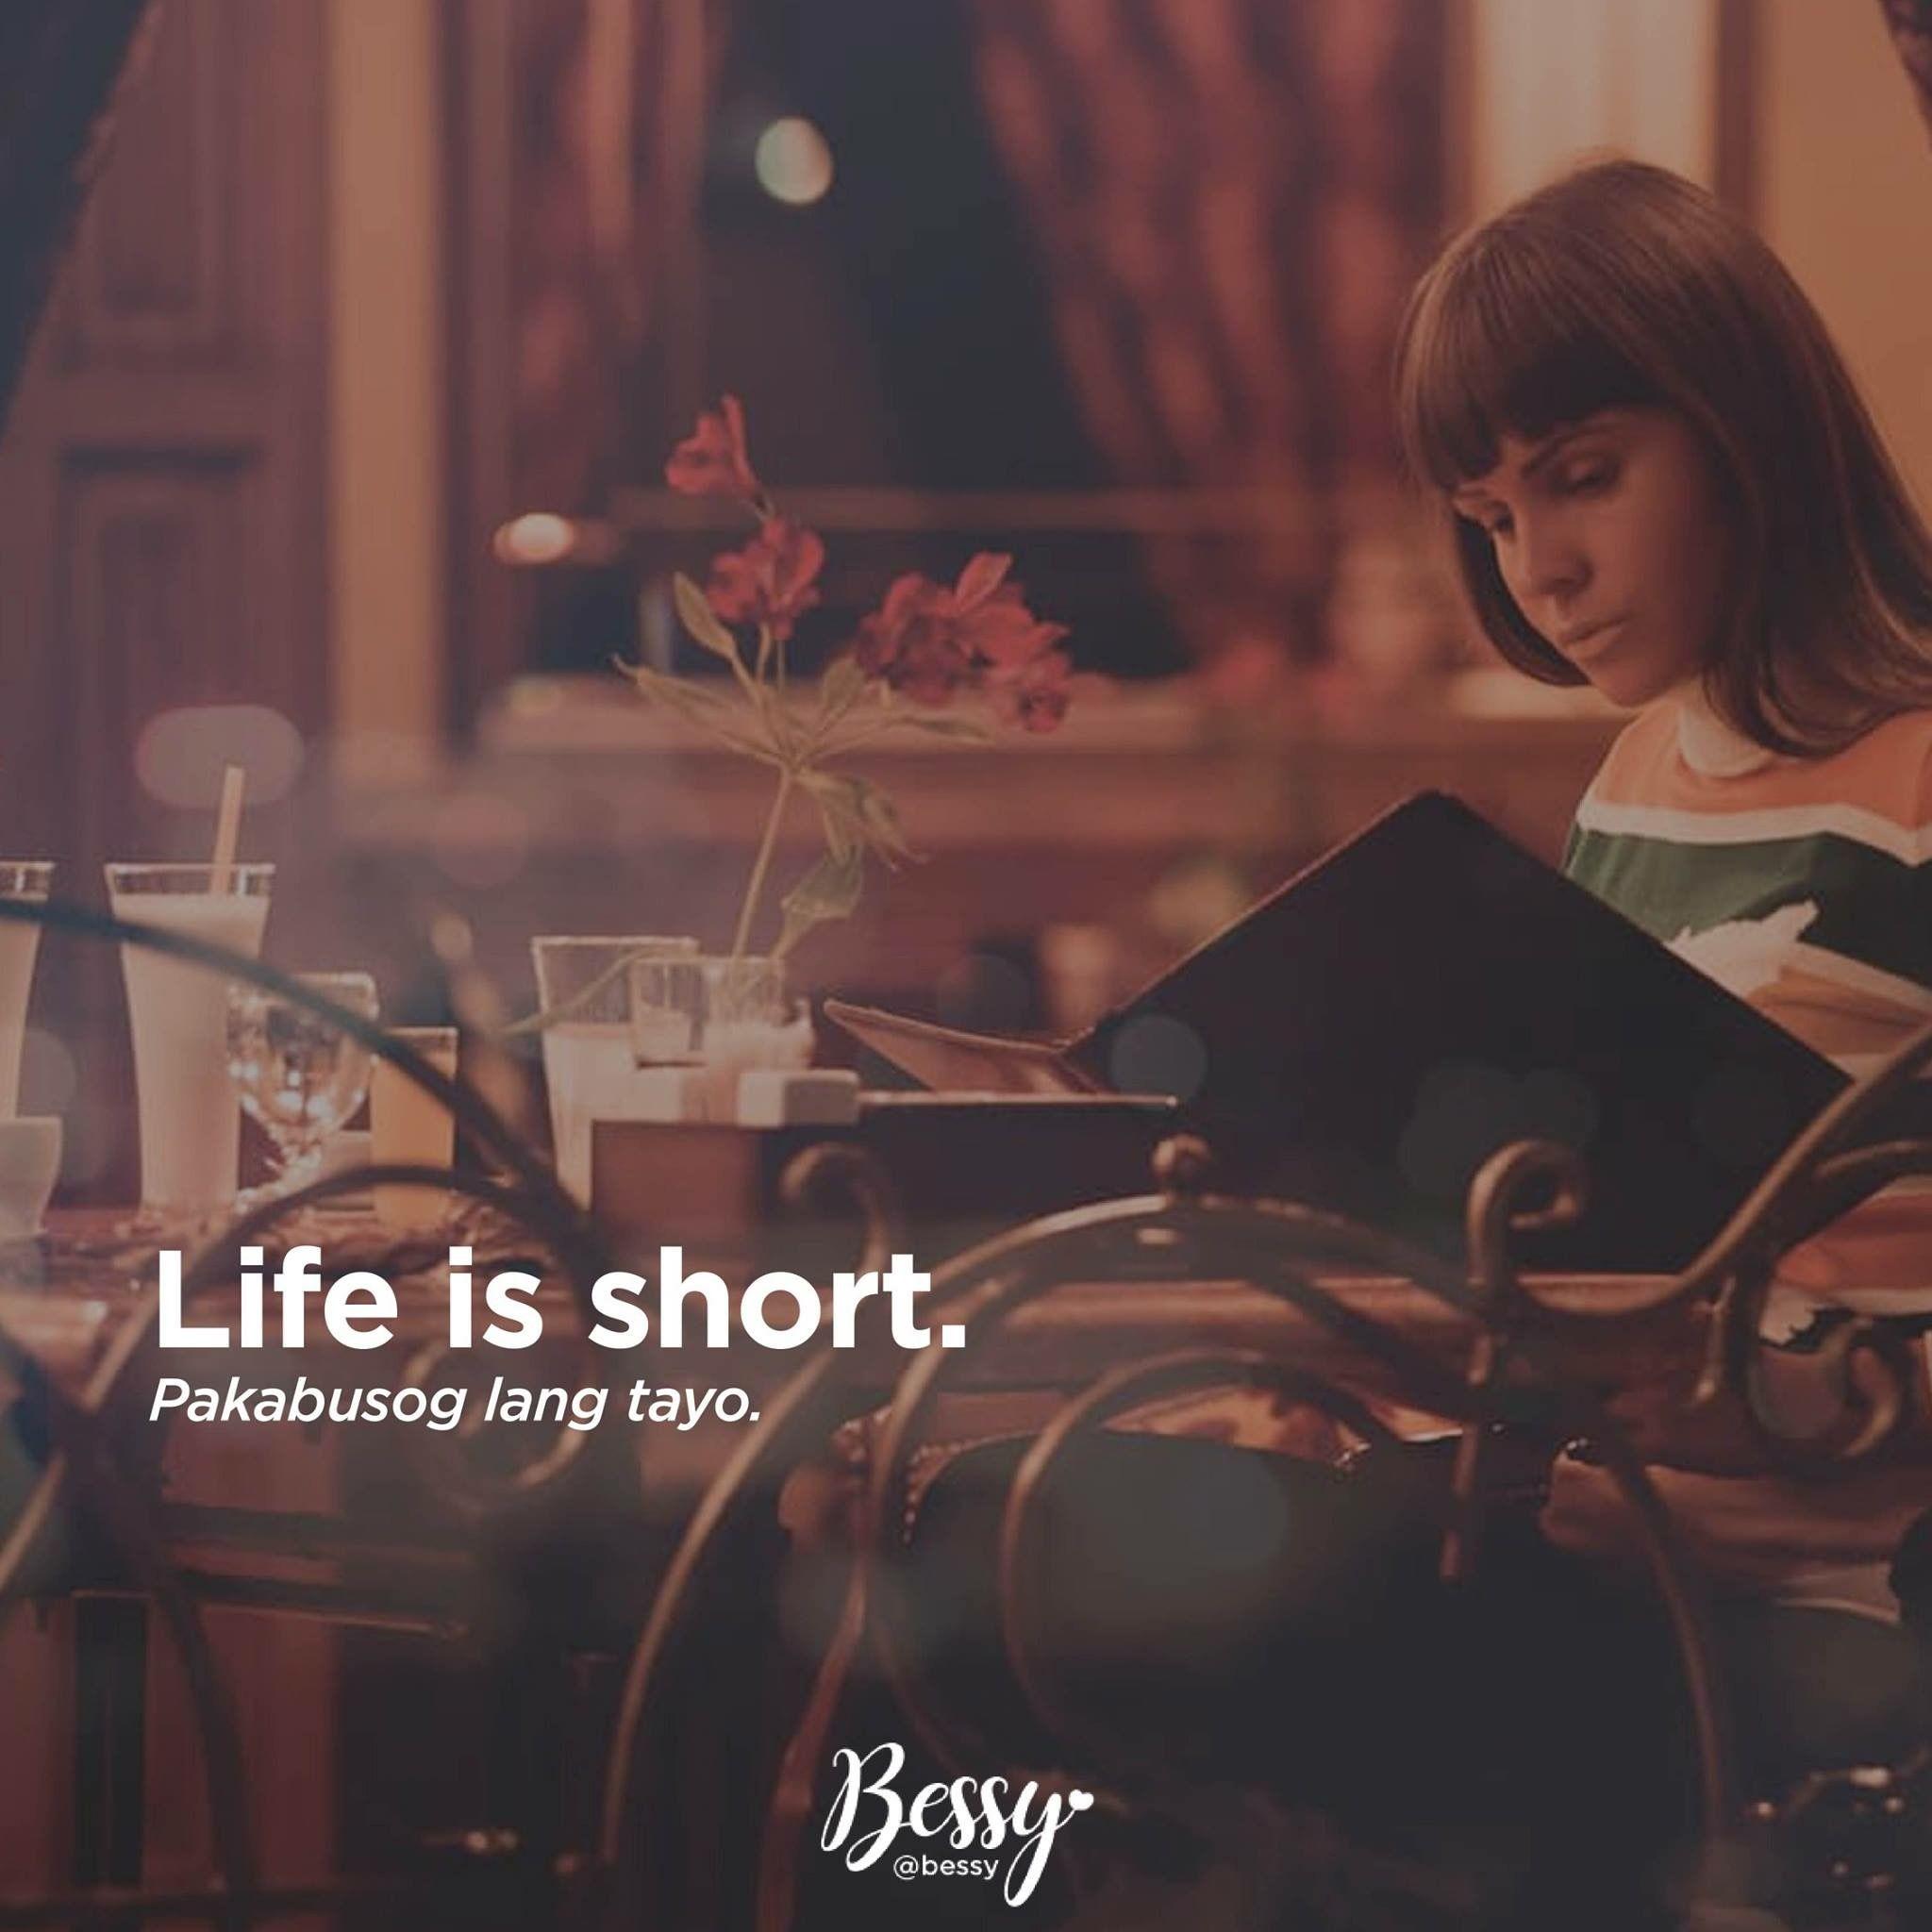 Life Is Short Pakabusog Tayoo Tagalog Quotes Tagalog Quotes Hugot Funny Tagalog Quotes Funny